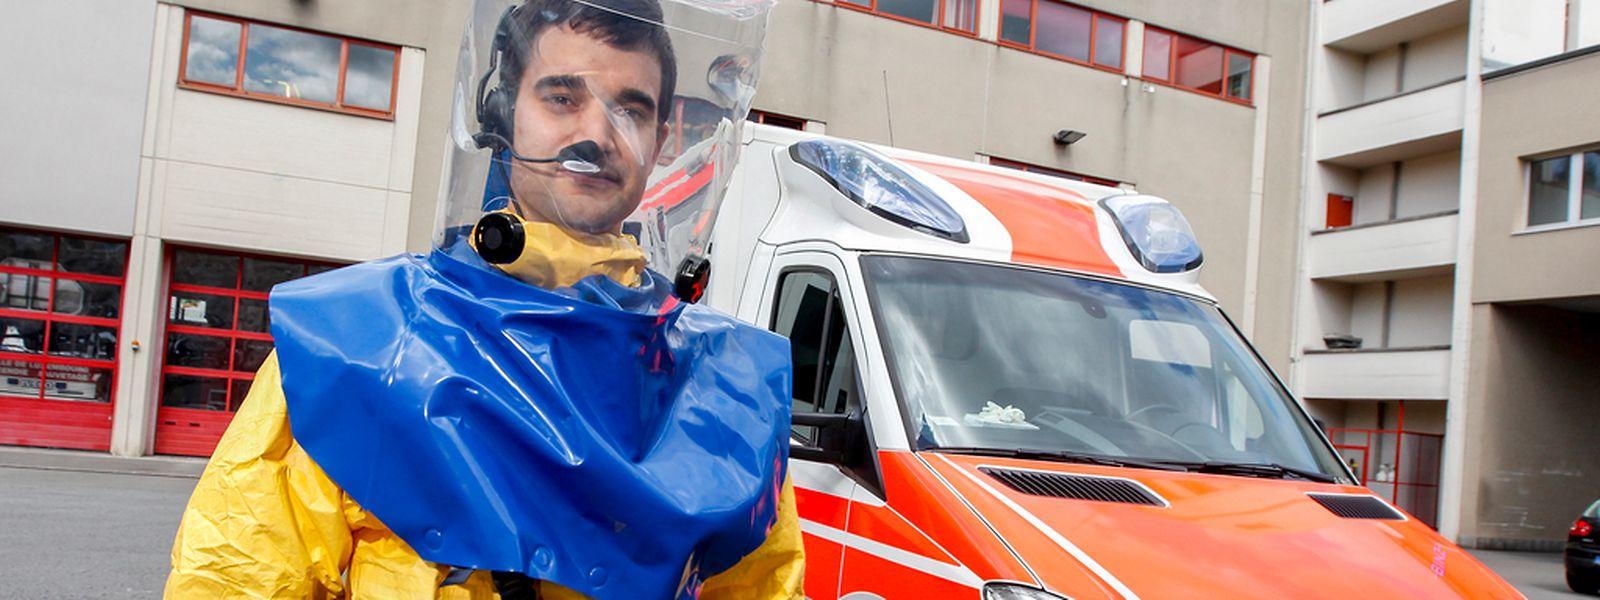 """Mit Spezialambulanzen werden Ebola-Verdachstfälle ins """"Centre Hospitalier"""" transportiert."""